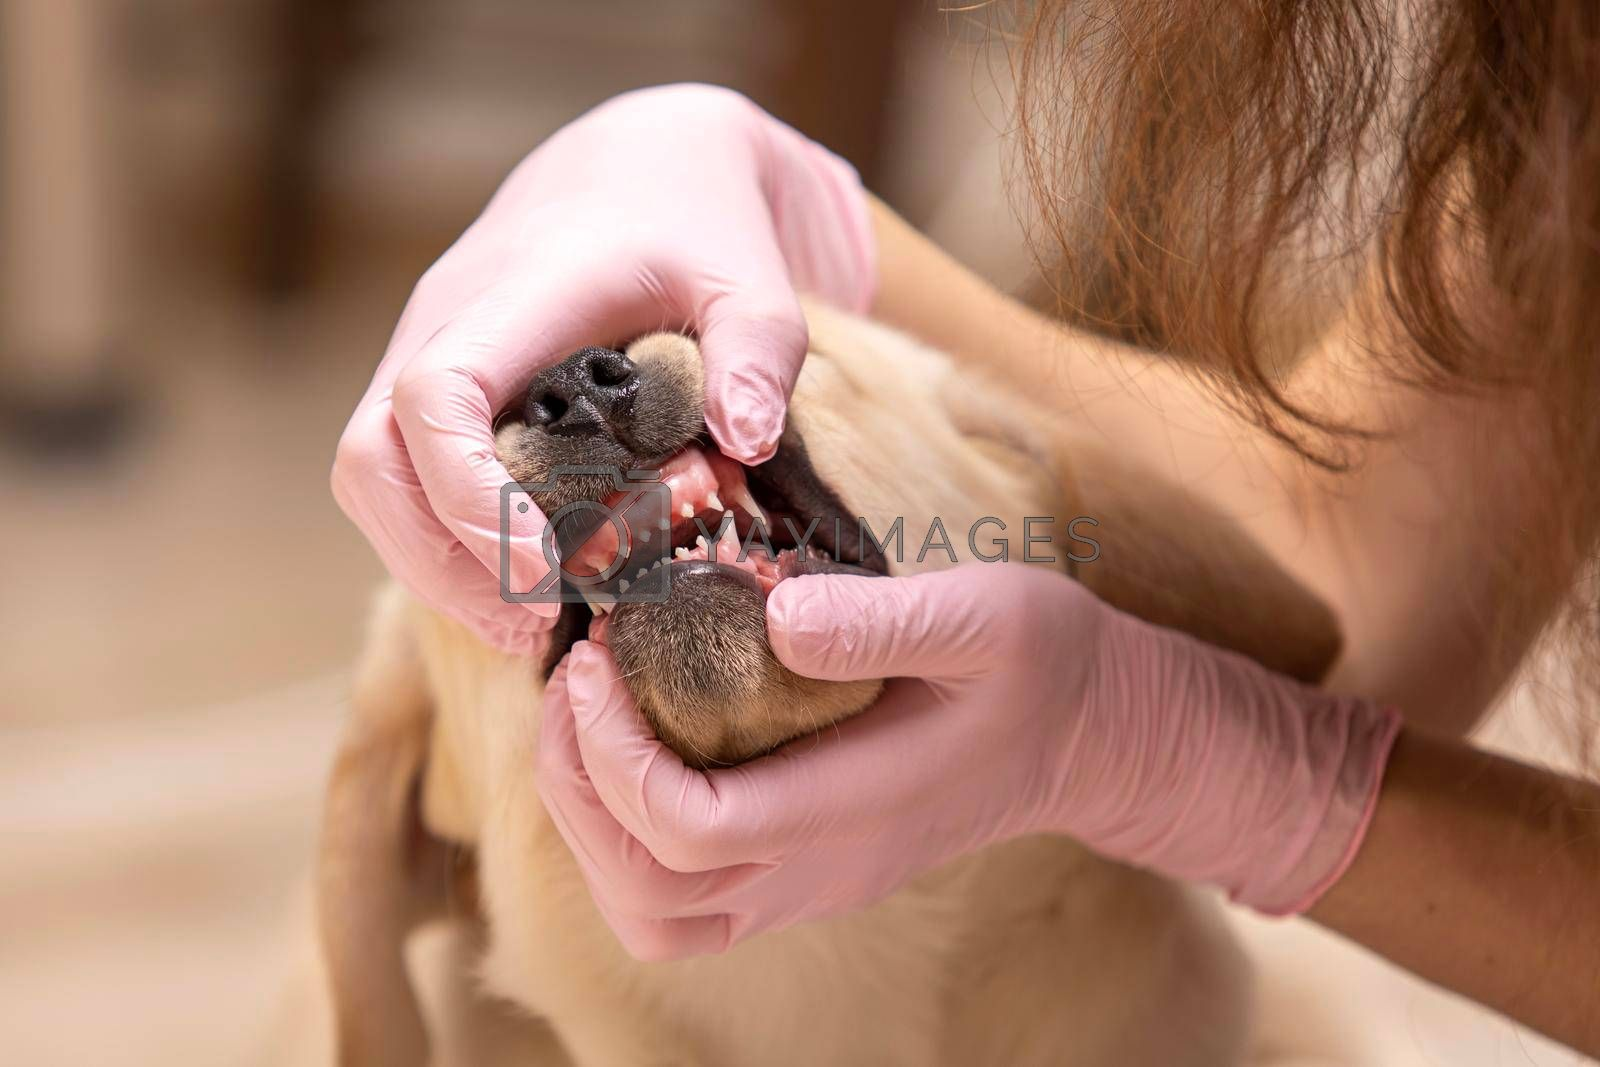 Veterinarian examining teeth of a cute dog on blur backboard.